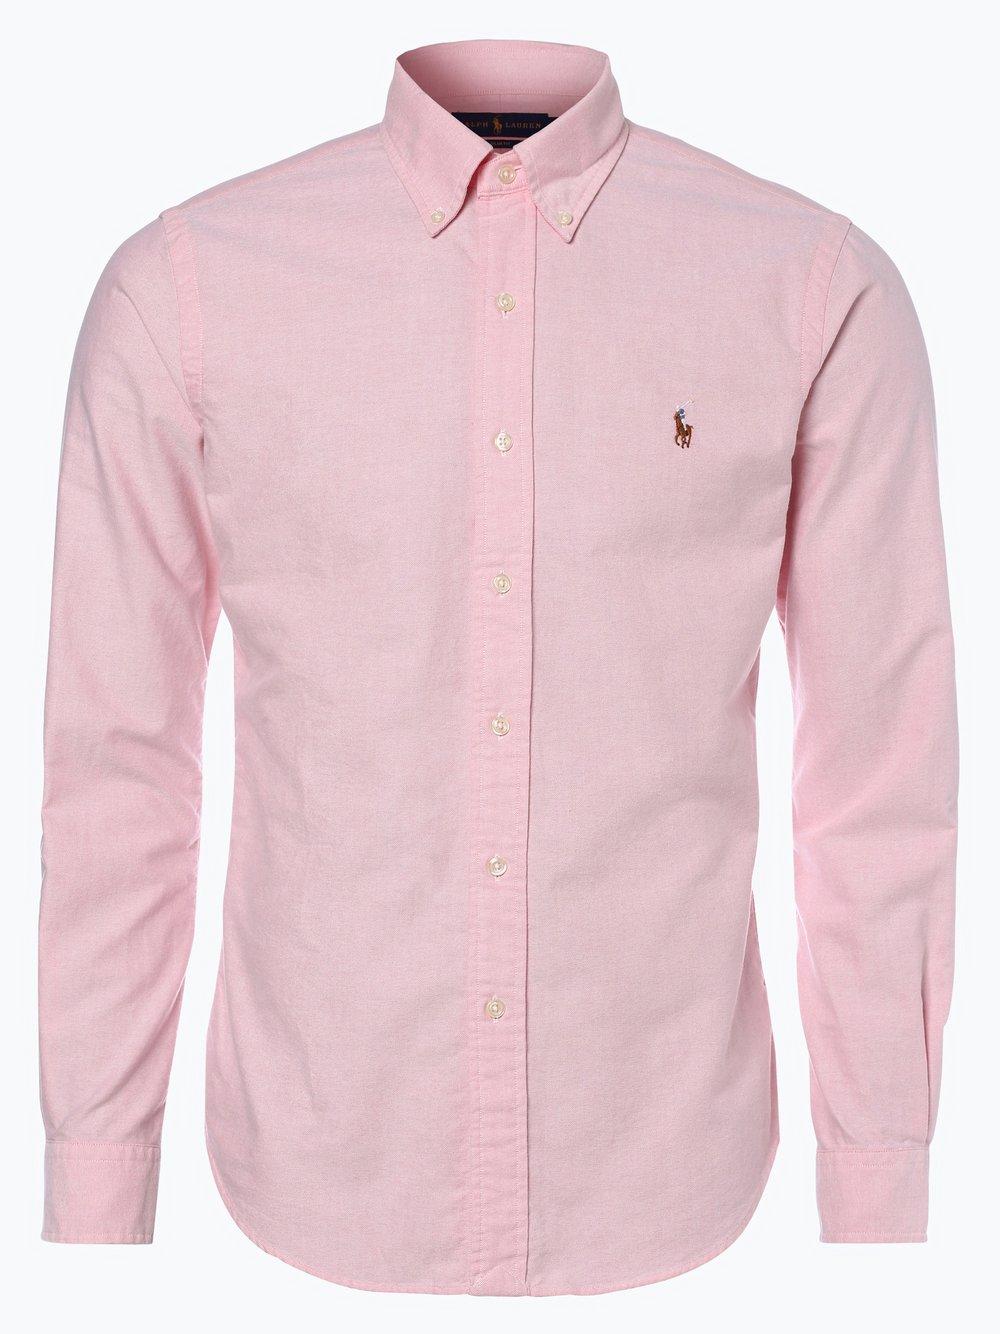 Polo Ralph Lauren Koszula męska kup online | VANGRAAF.COM  X9eF8